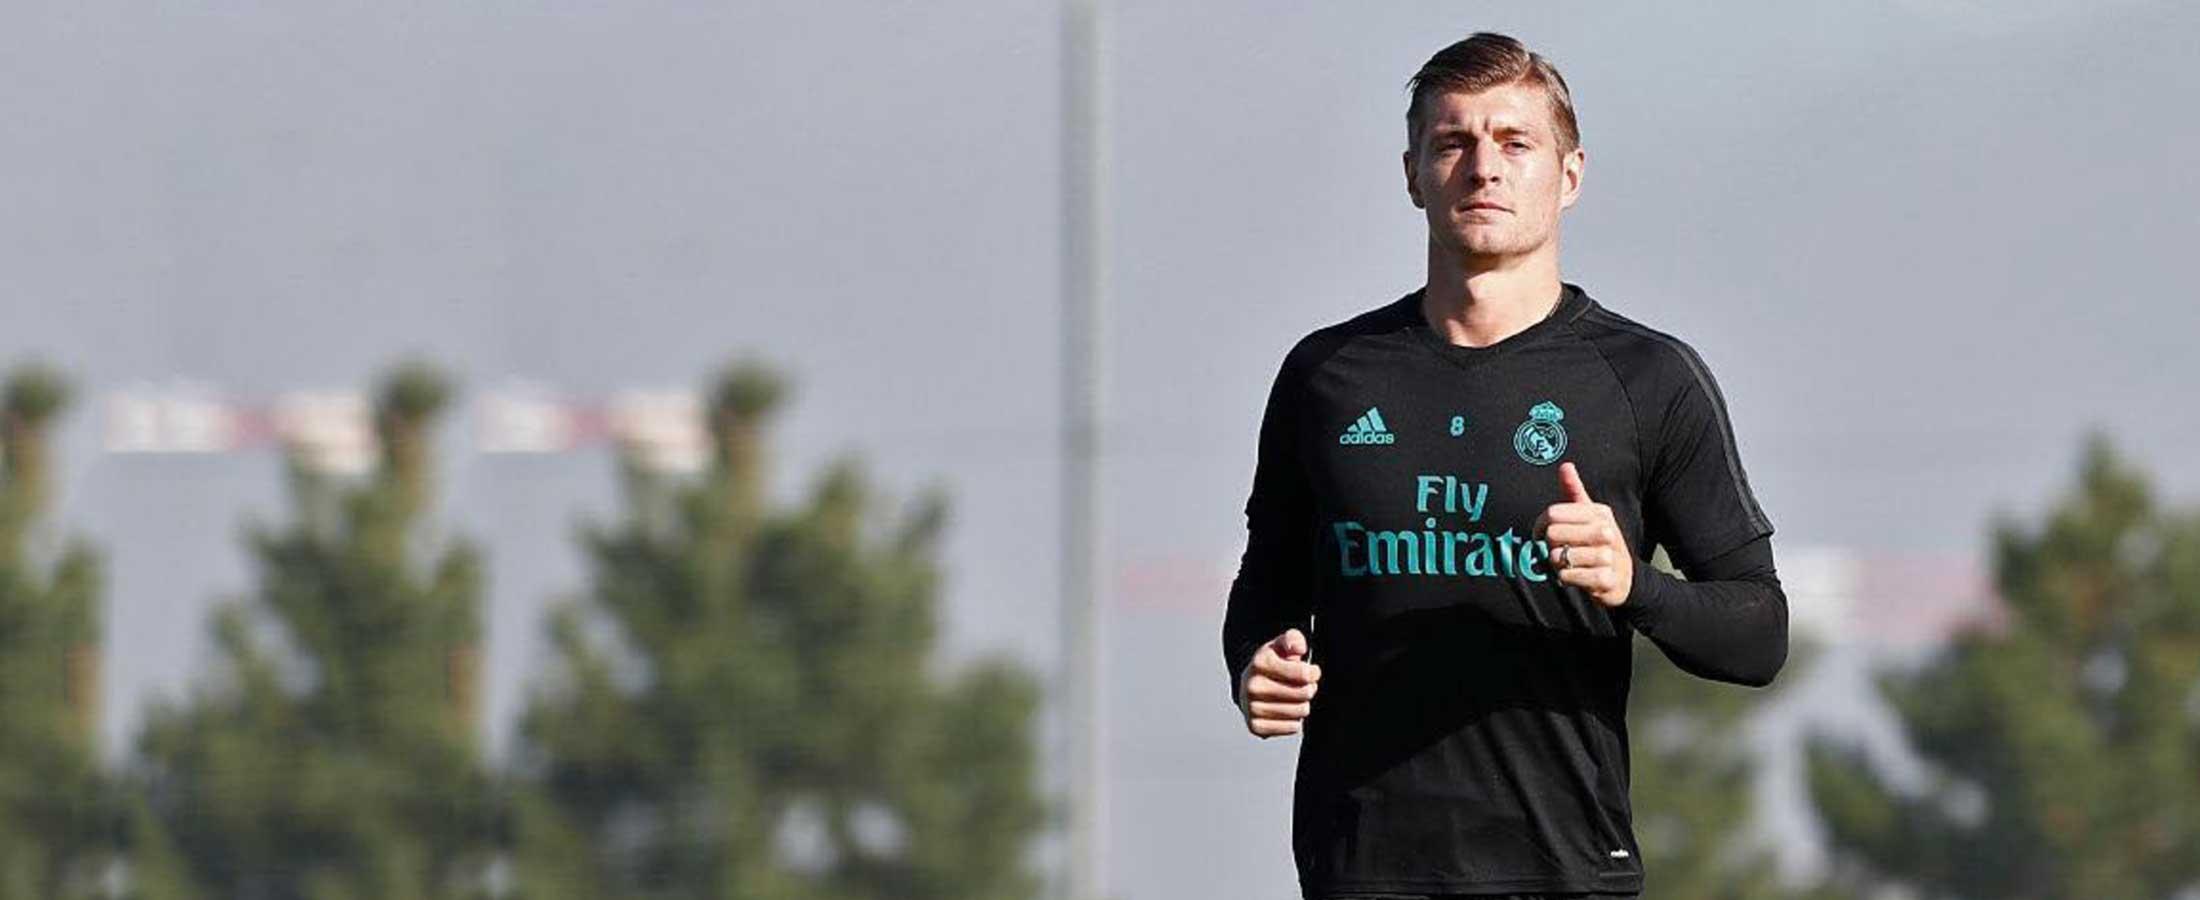 Ropa de entreno oficial del Real Madrid